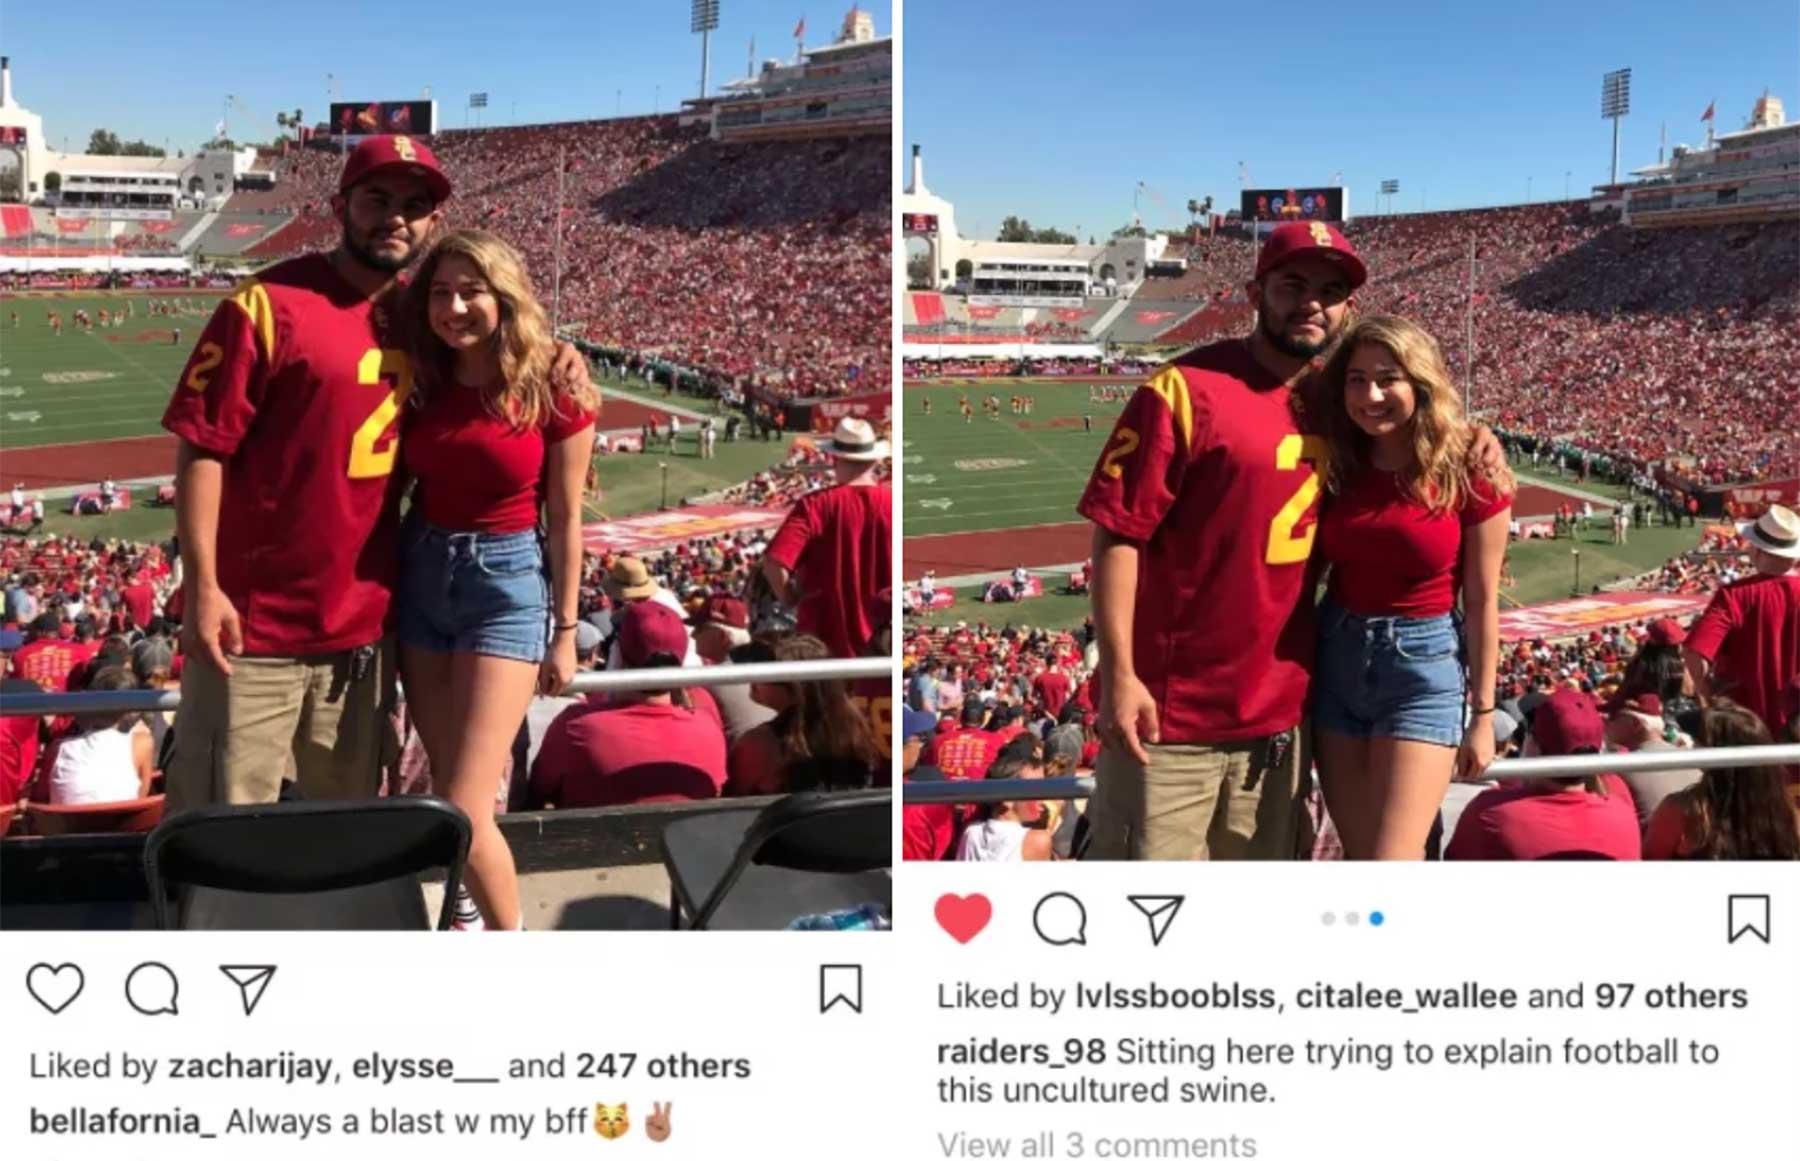 Wenn Freundin und Freund dasselbe Foto posten aber anders beschreiben